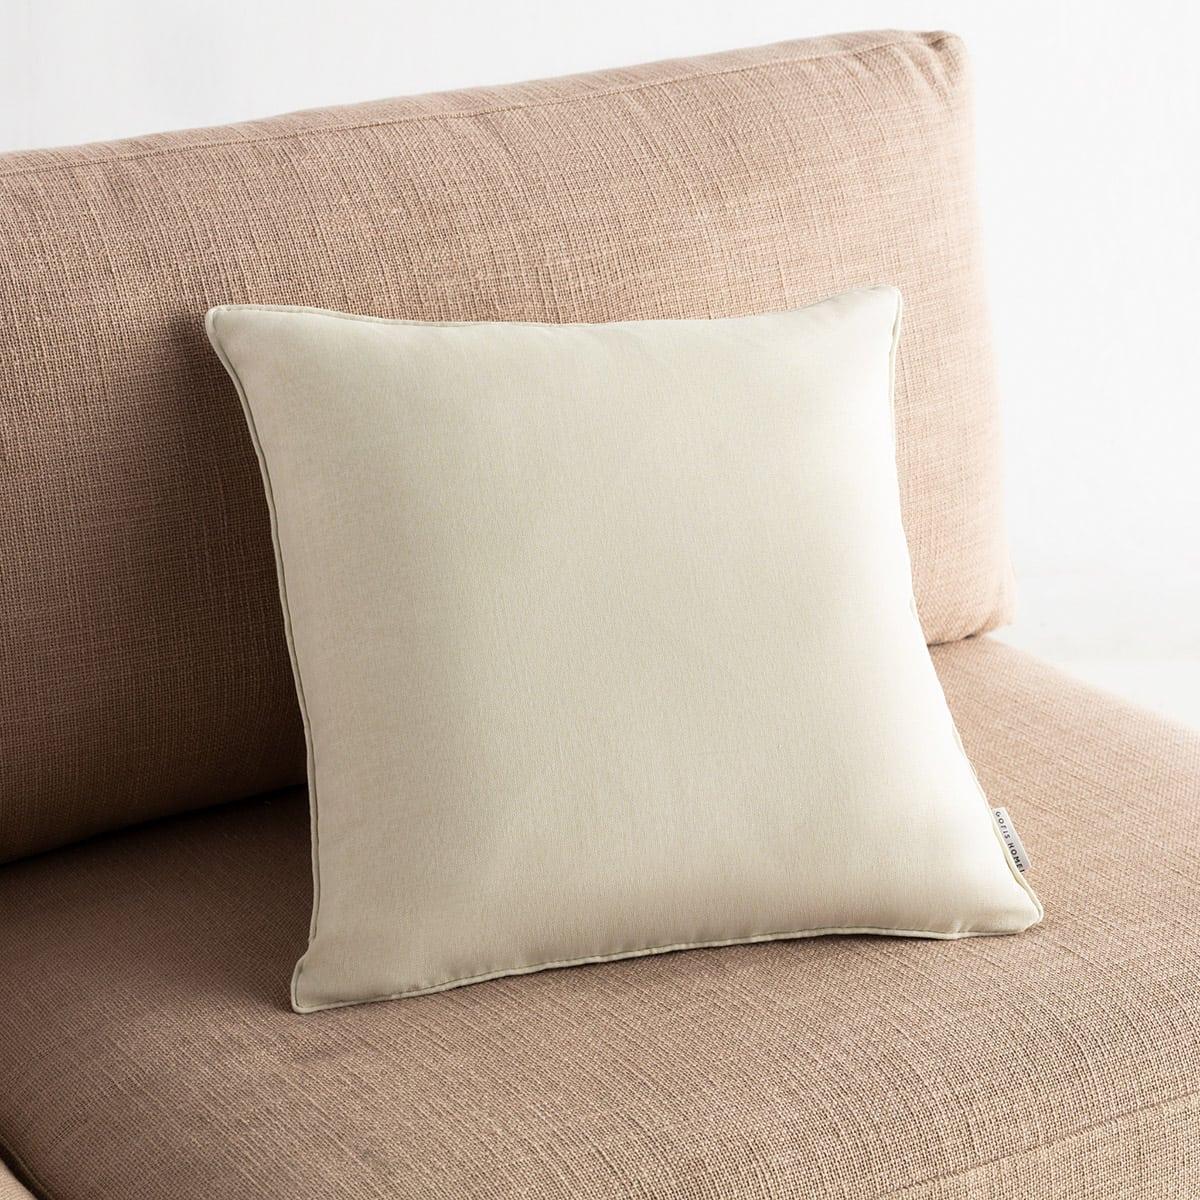 Μαξιλαροθήκη Διακοσμητική Chrome 930B/16 Off White Gofis Home 45X45 100% Polyester